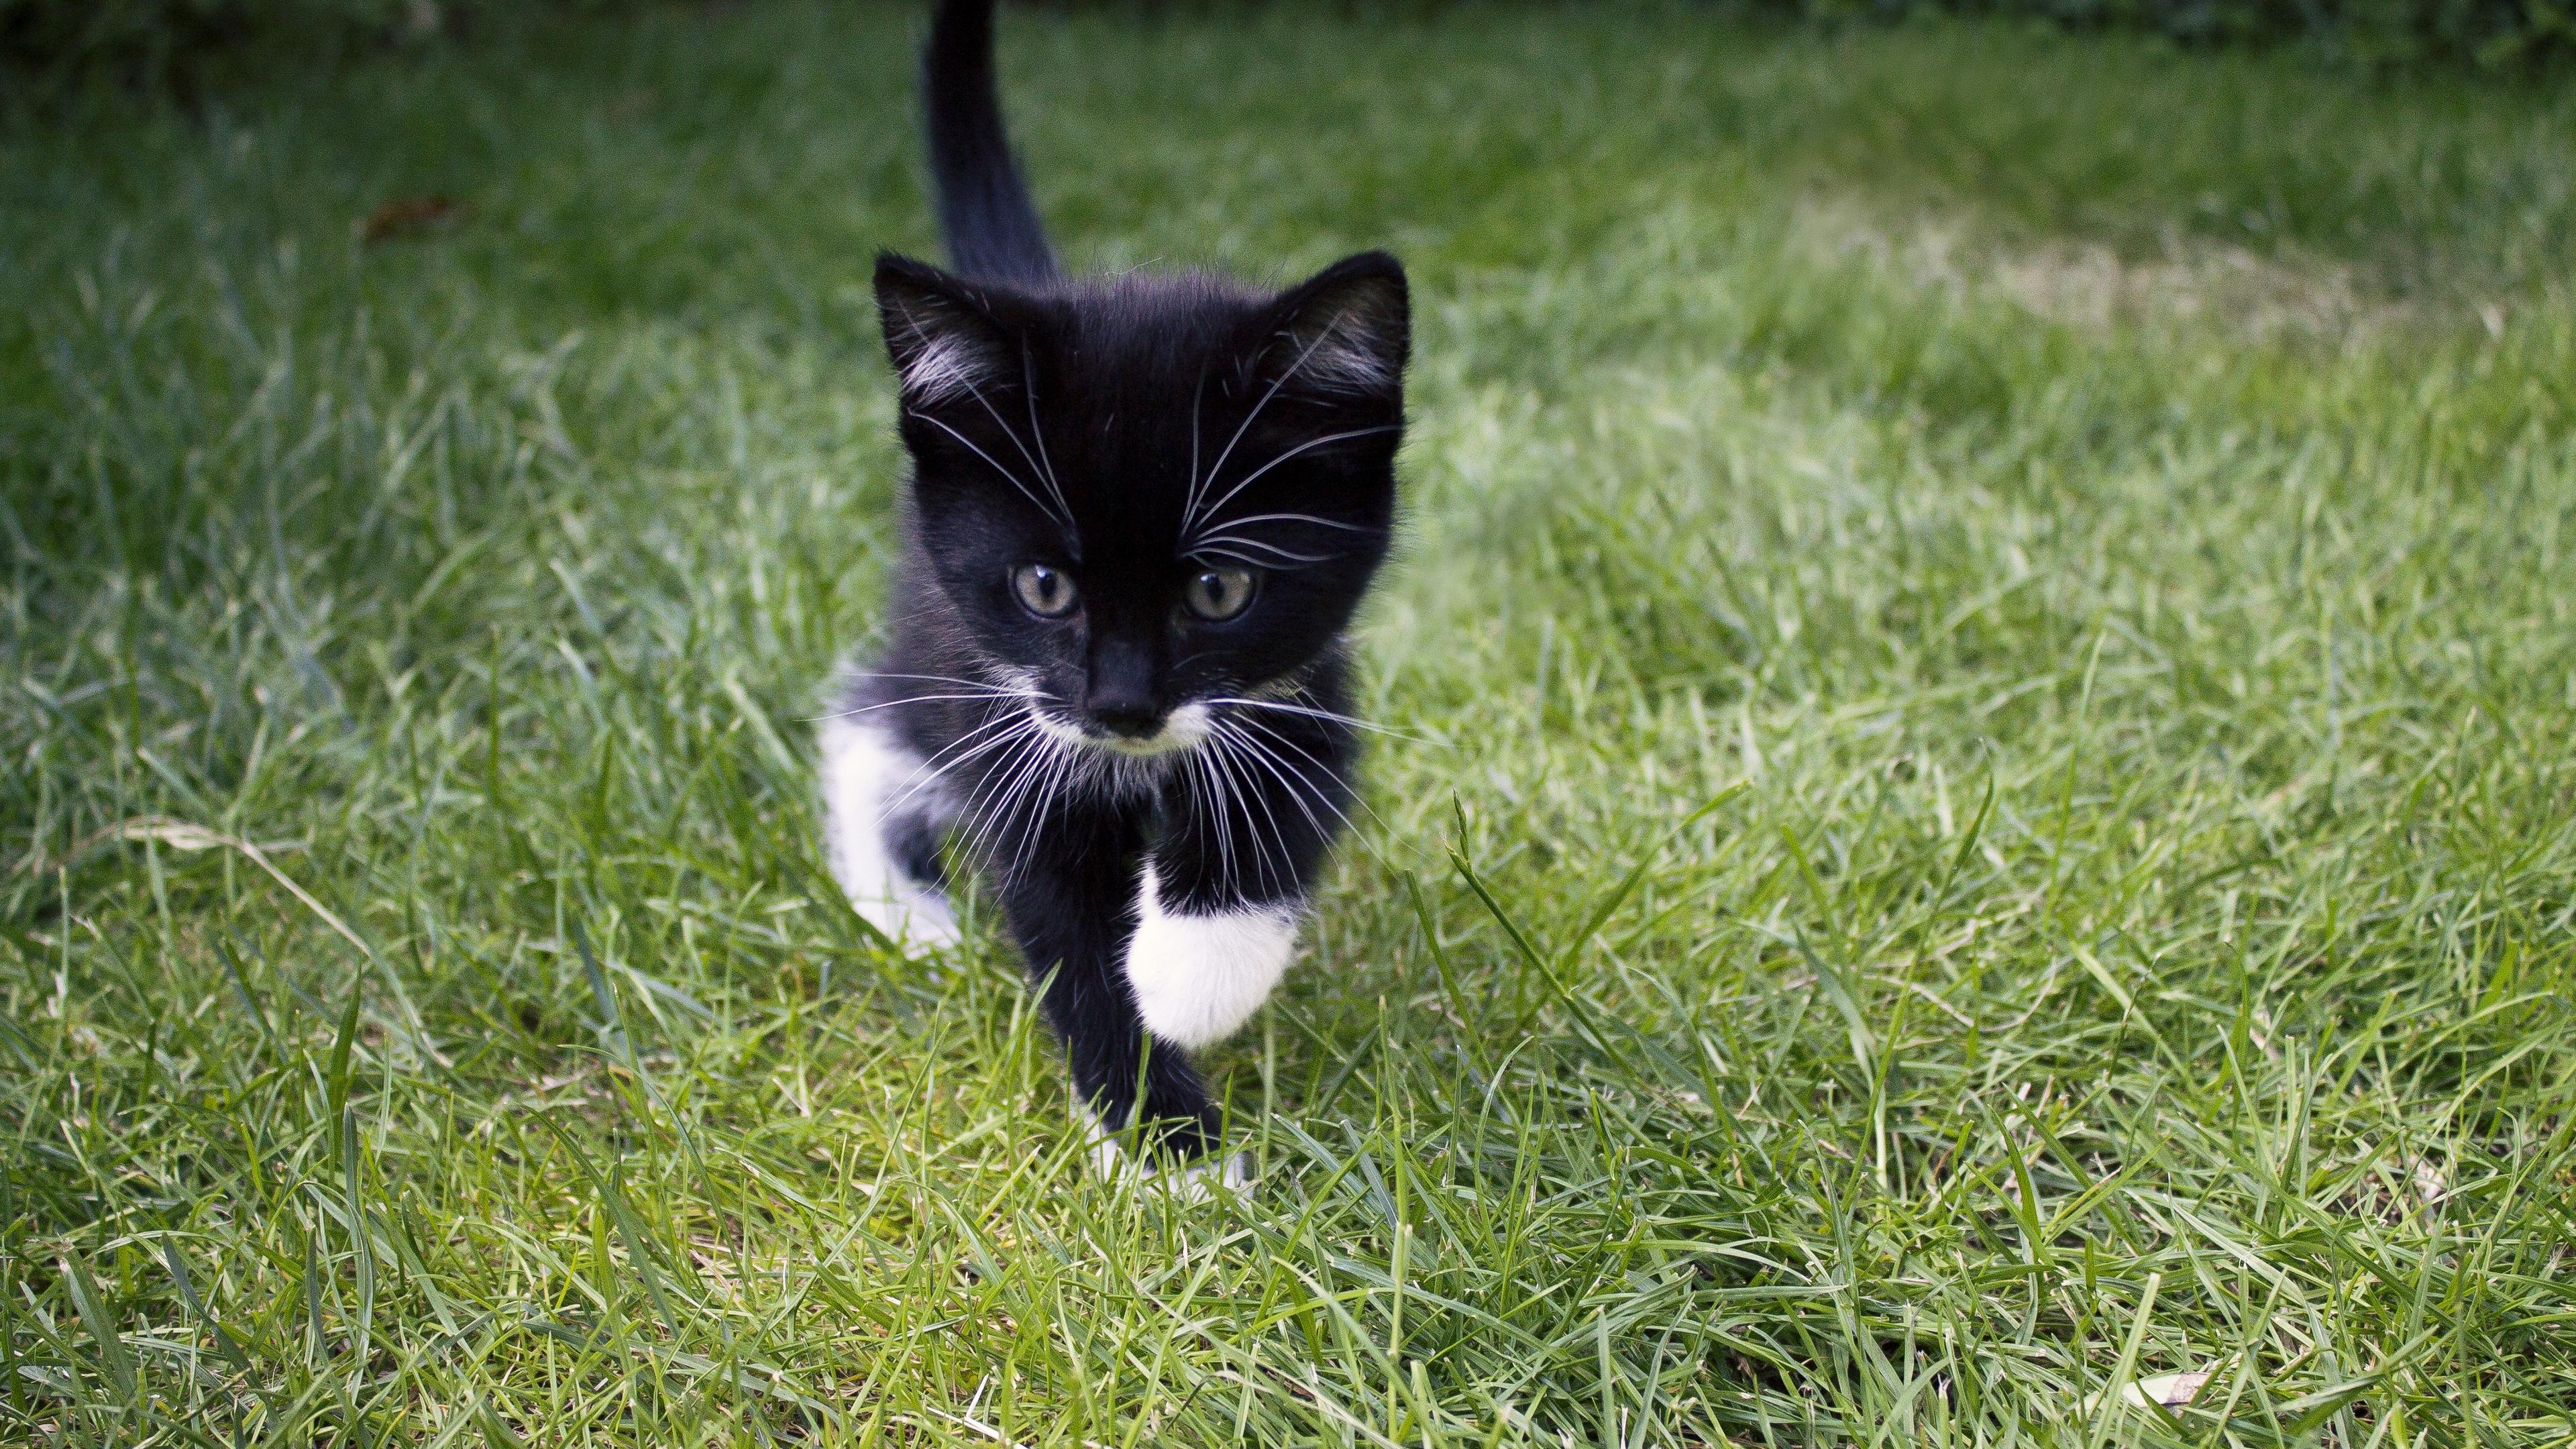 Kitten Cat 4K wallpaper